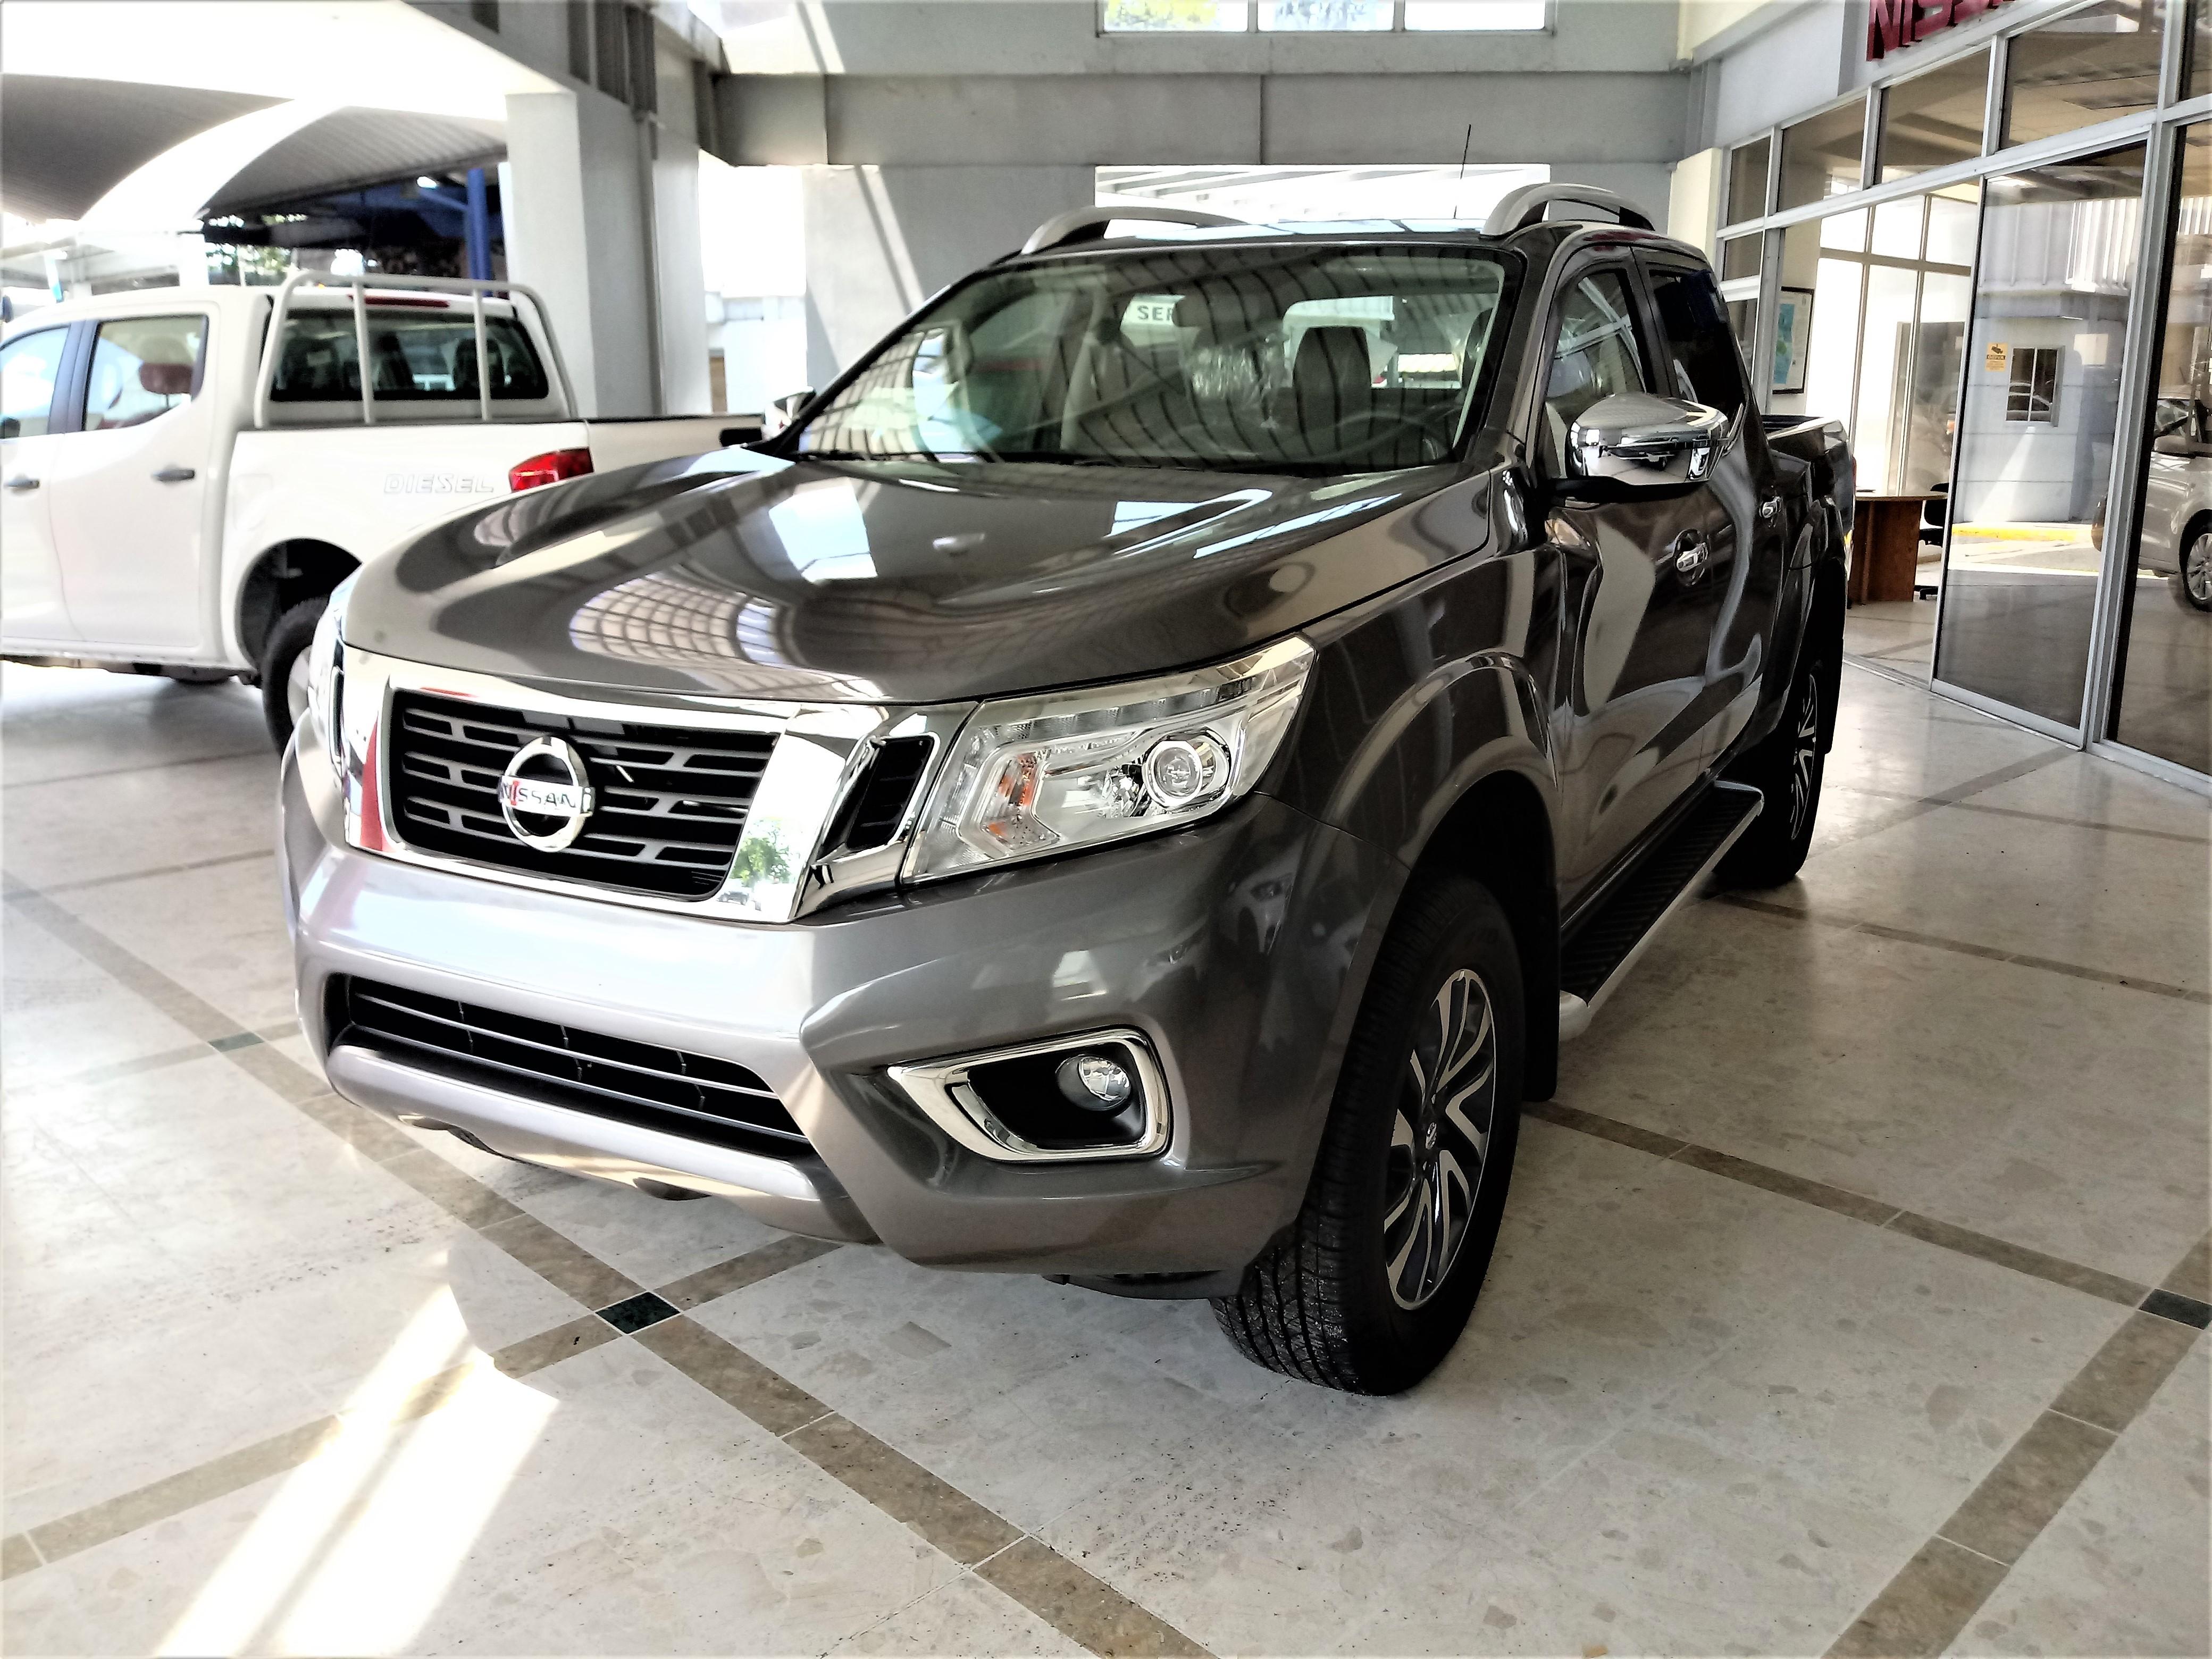 Analisis De La Nissan Frontier Np300 Pasion Sobre Ruedas